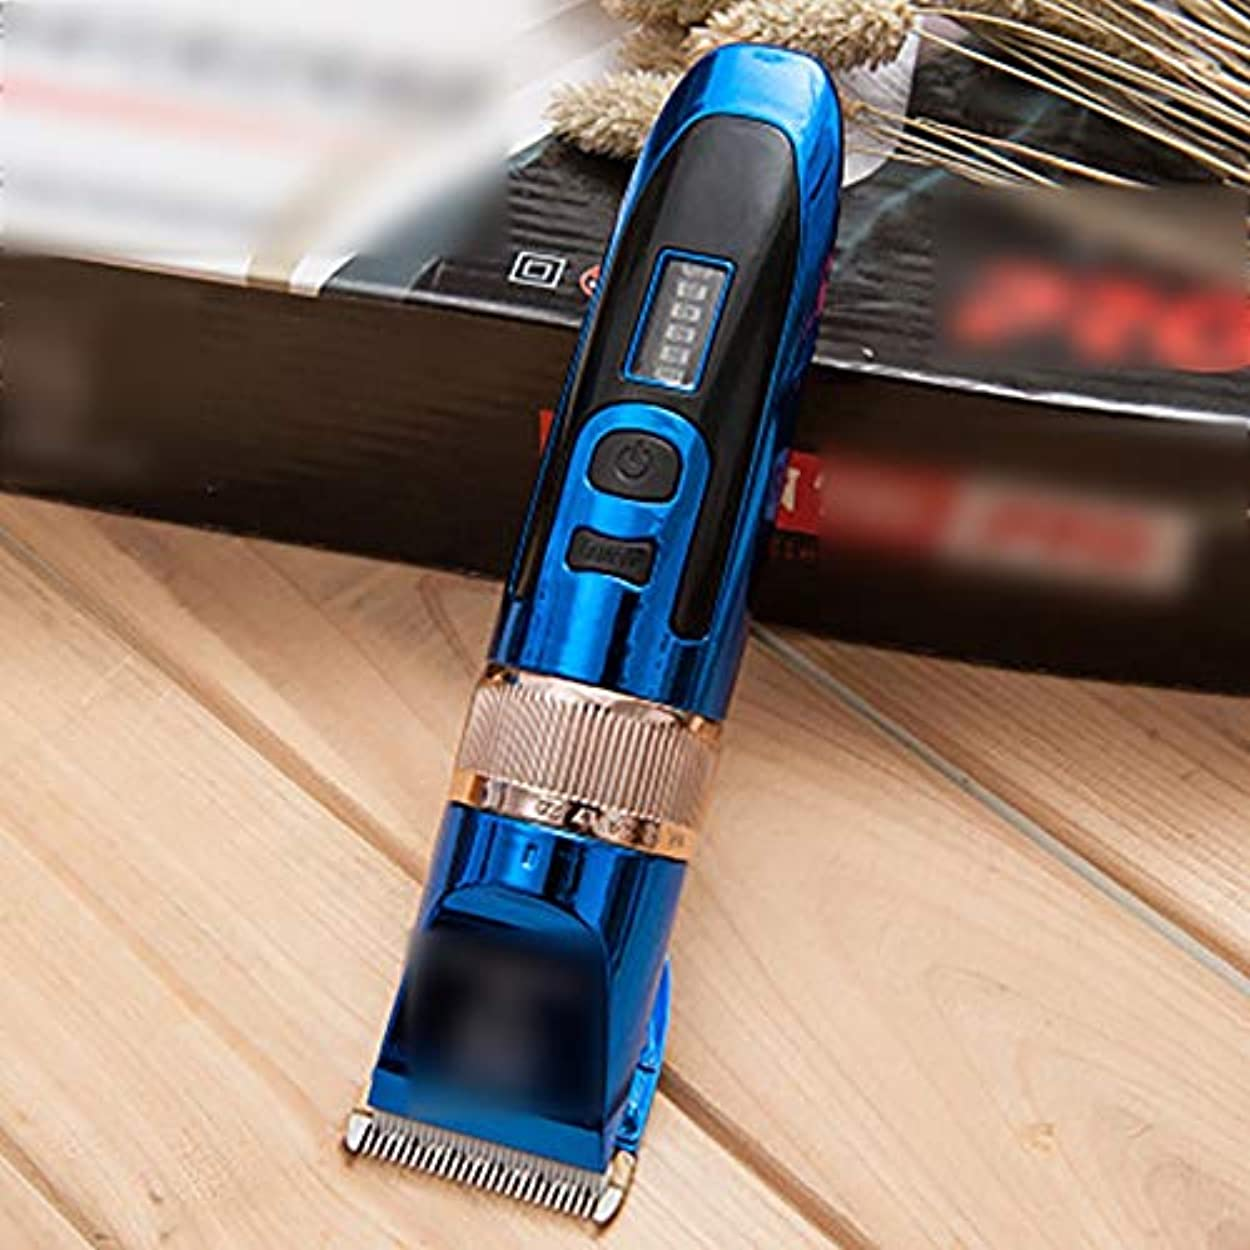 素晴らしさ大腿楽しませるWAKABAFK プロの電気フェーダーリチウム電池液晶ディスプレイ散髪機ヘアトリマークリッパー (色 : 青)